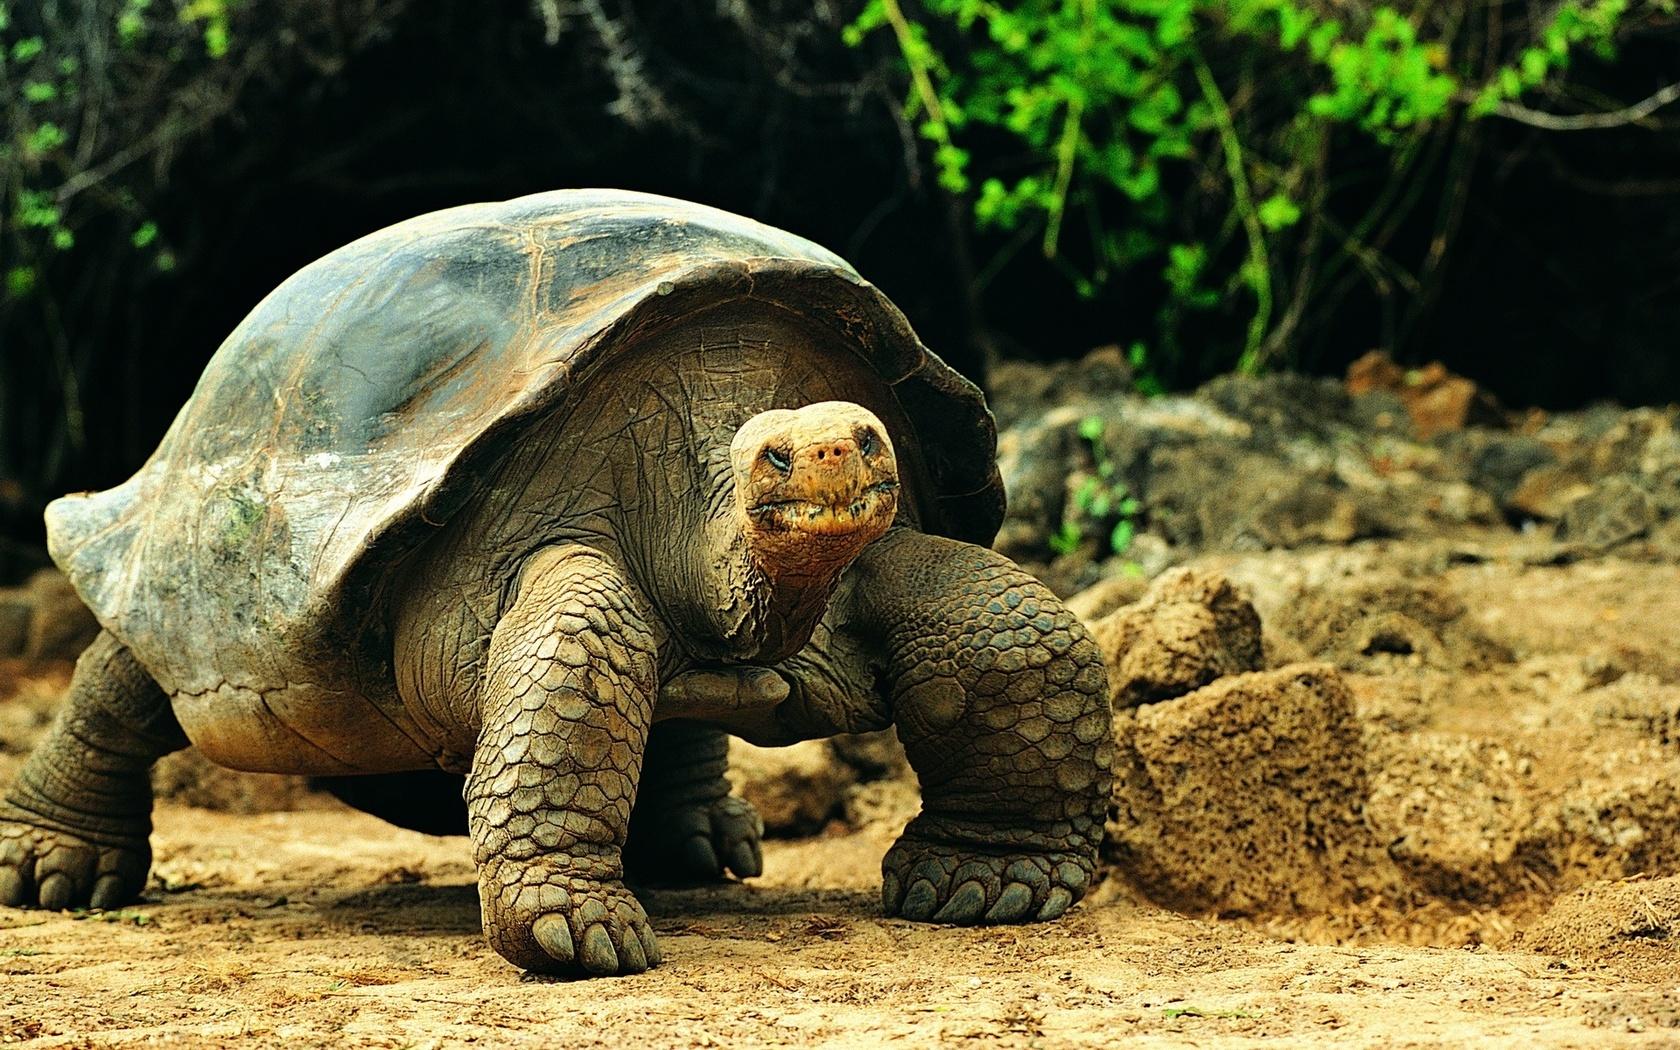 черепаха, довольная морда, здоровый панцирь